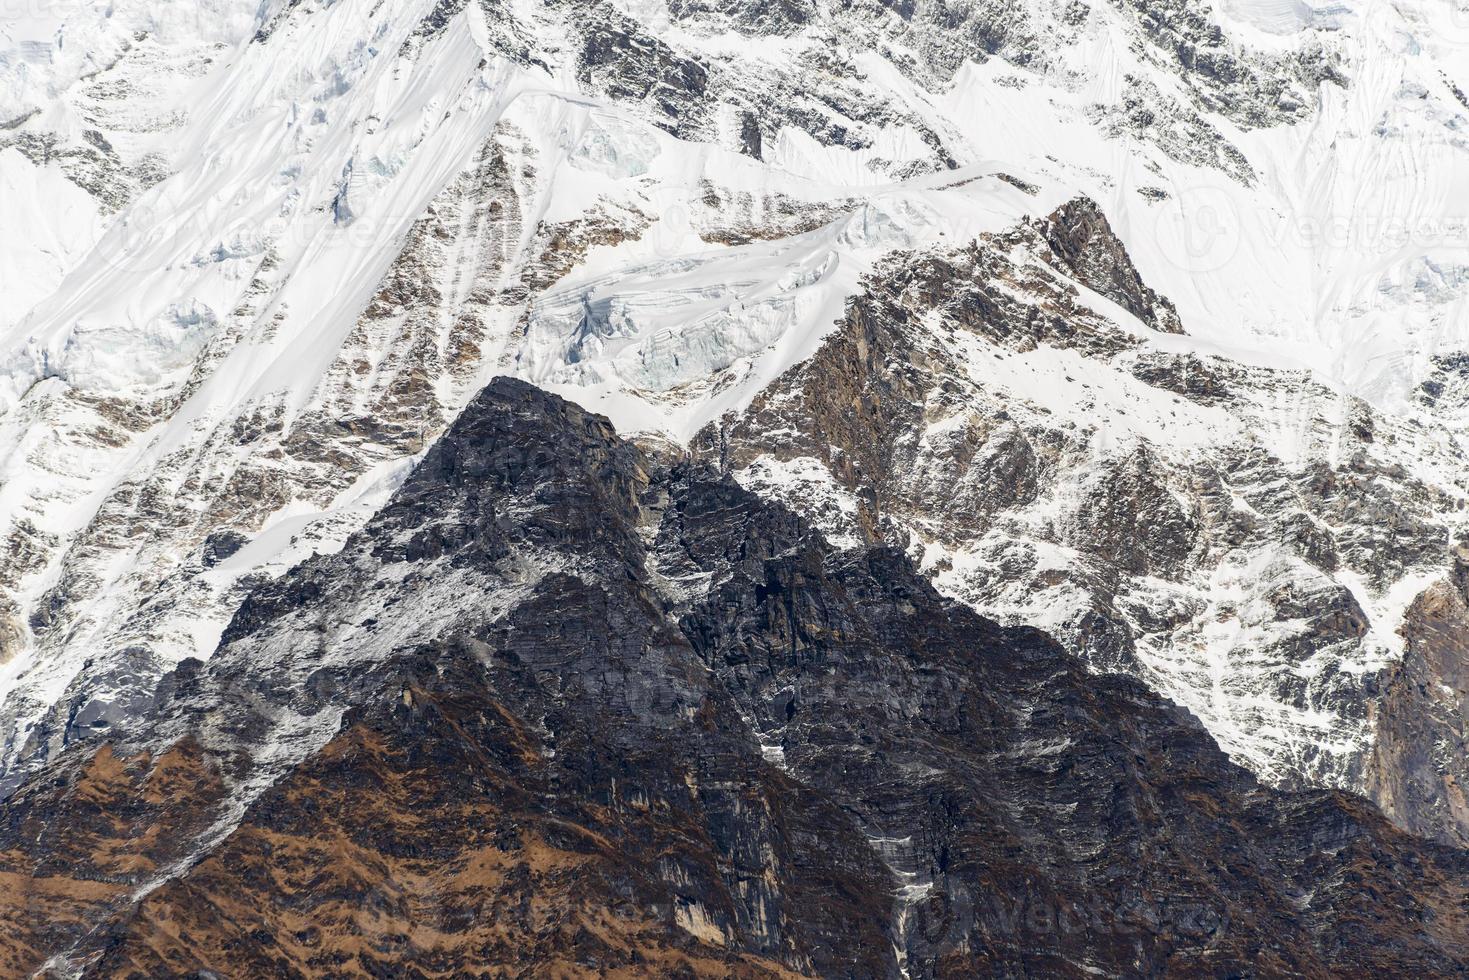 High mountain closeup photo